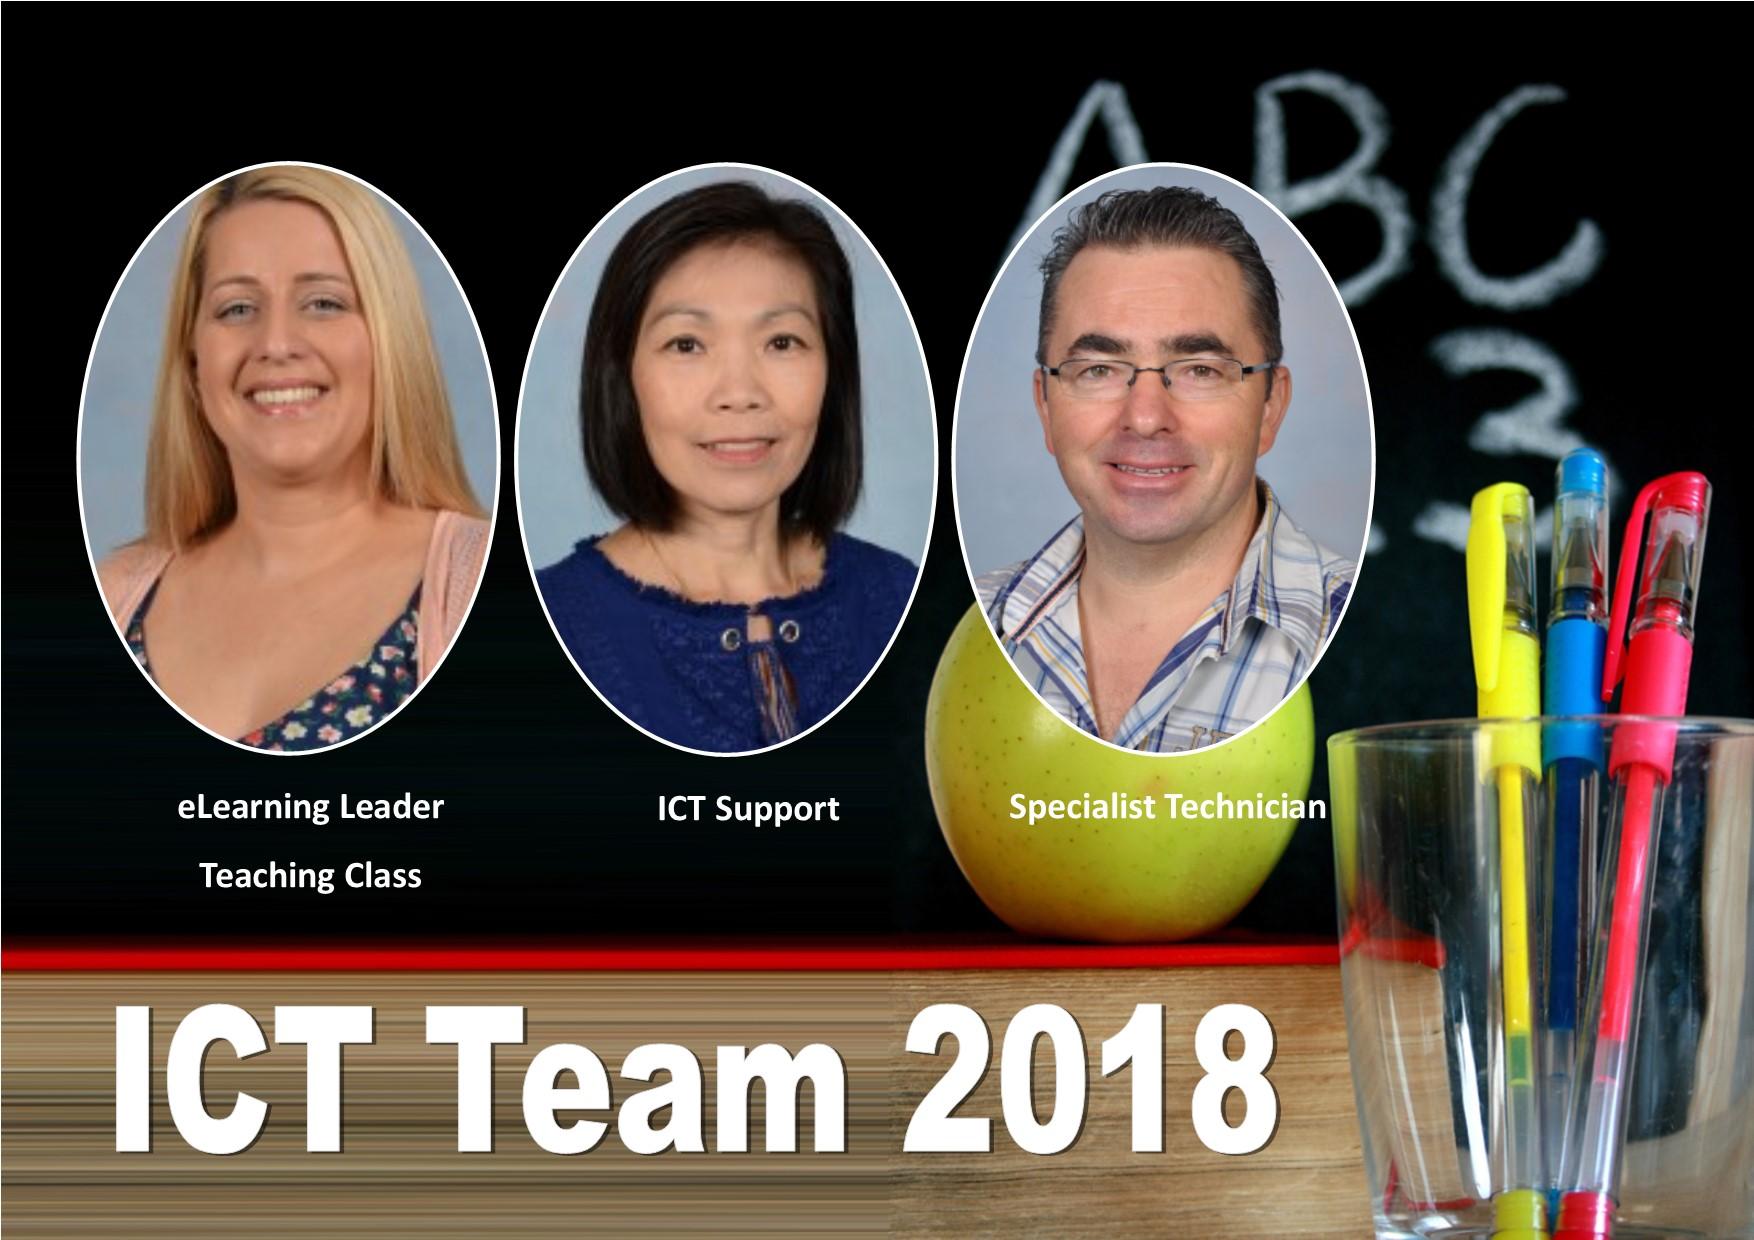 ICT Team 2018